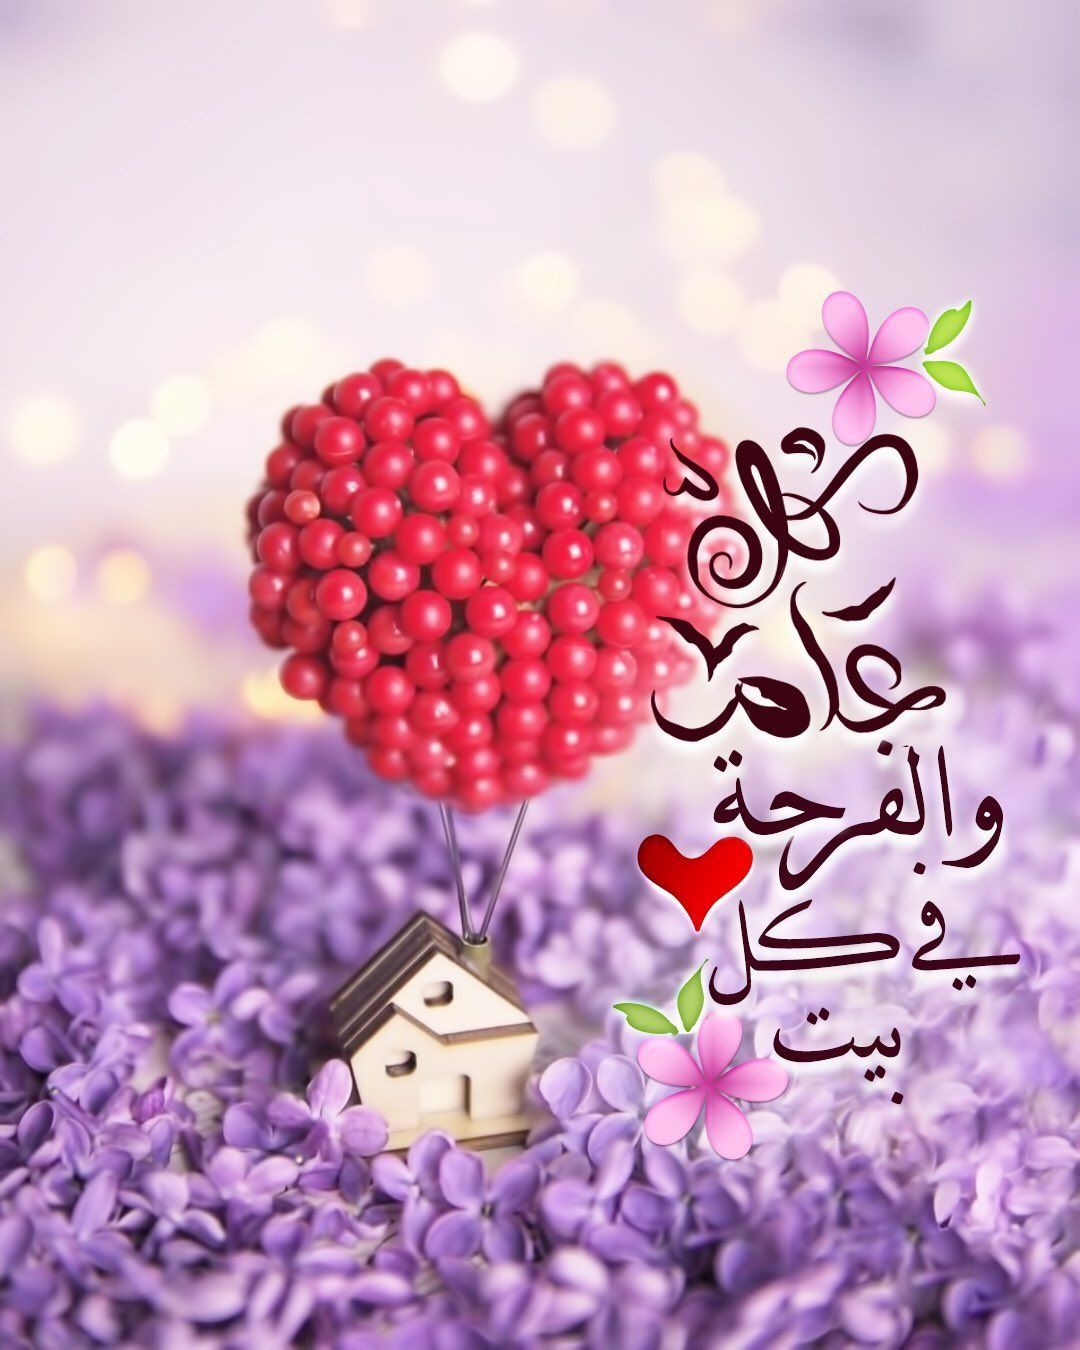 صور دعاء يوم الجمعة 2020 Eid Cards Eid Greetings Happy Birthday Video